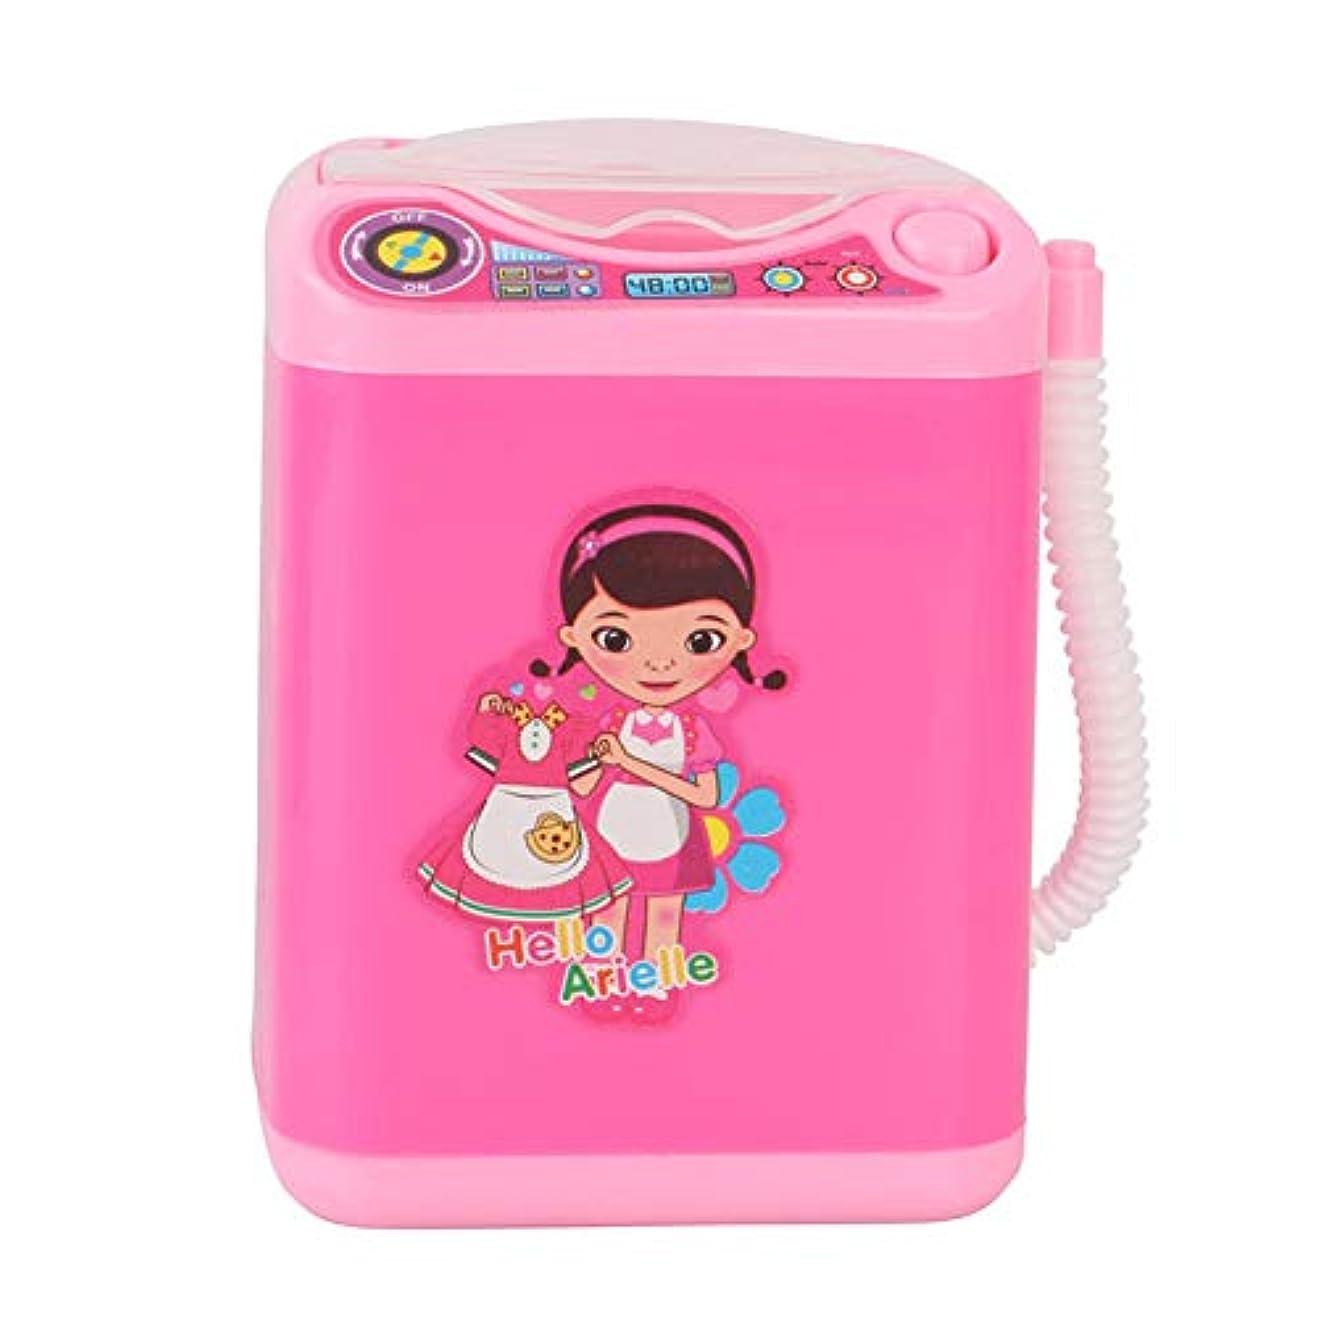 非効率的な最も追放ZooArts 化粧ブラシ洗浄器 電動メイクブラシクリーナー 自動洗浄 電池式 ミニ洗濯機 携帯便利 DIY 可愛い 子供のおもちゃとしても大歓迎